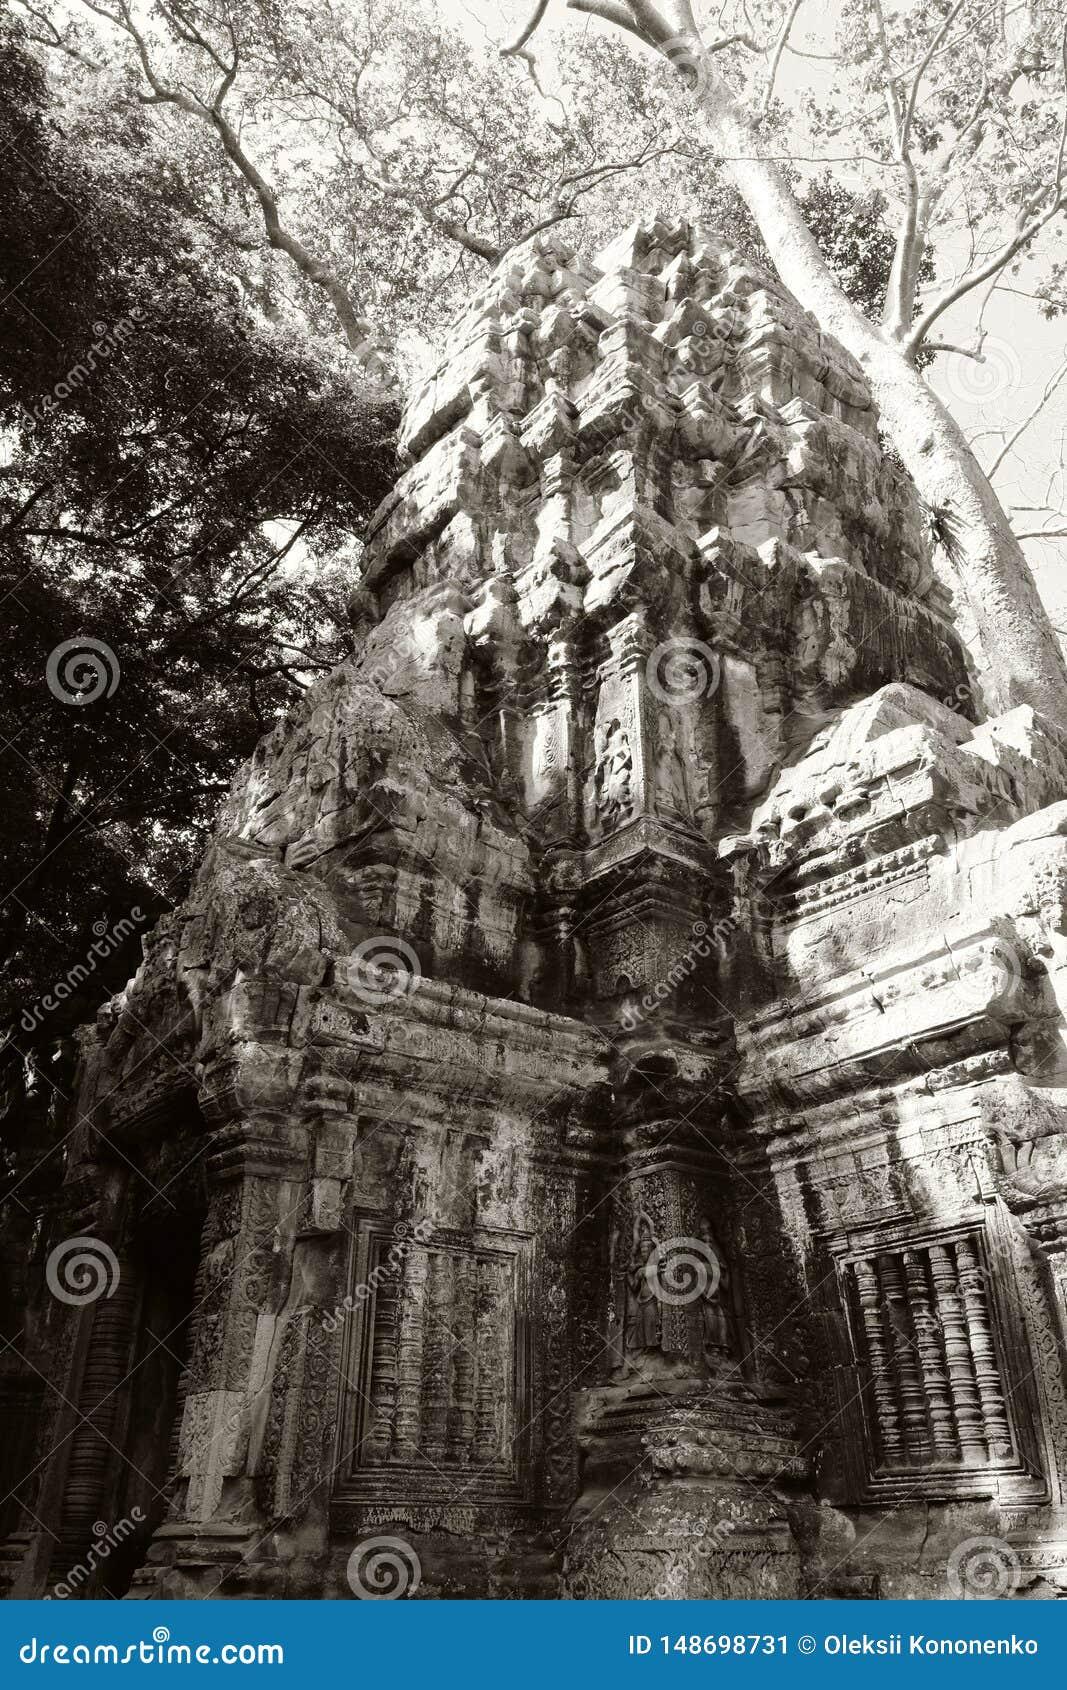 E Архитектурноакустическое наследие империи кхмера r